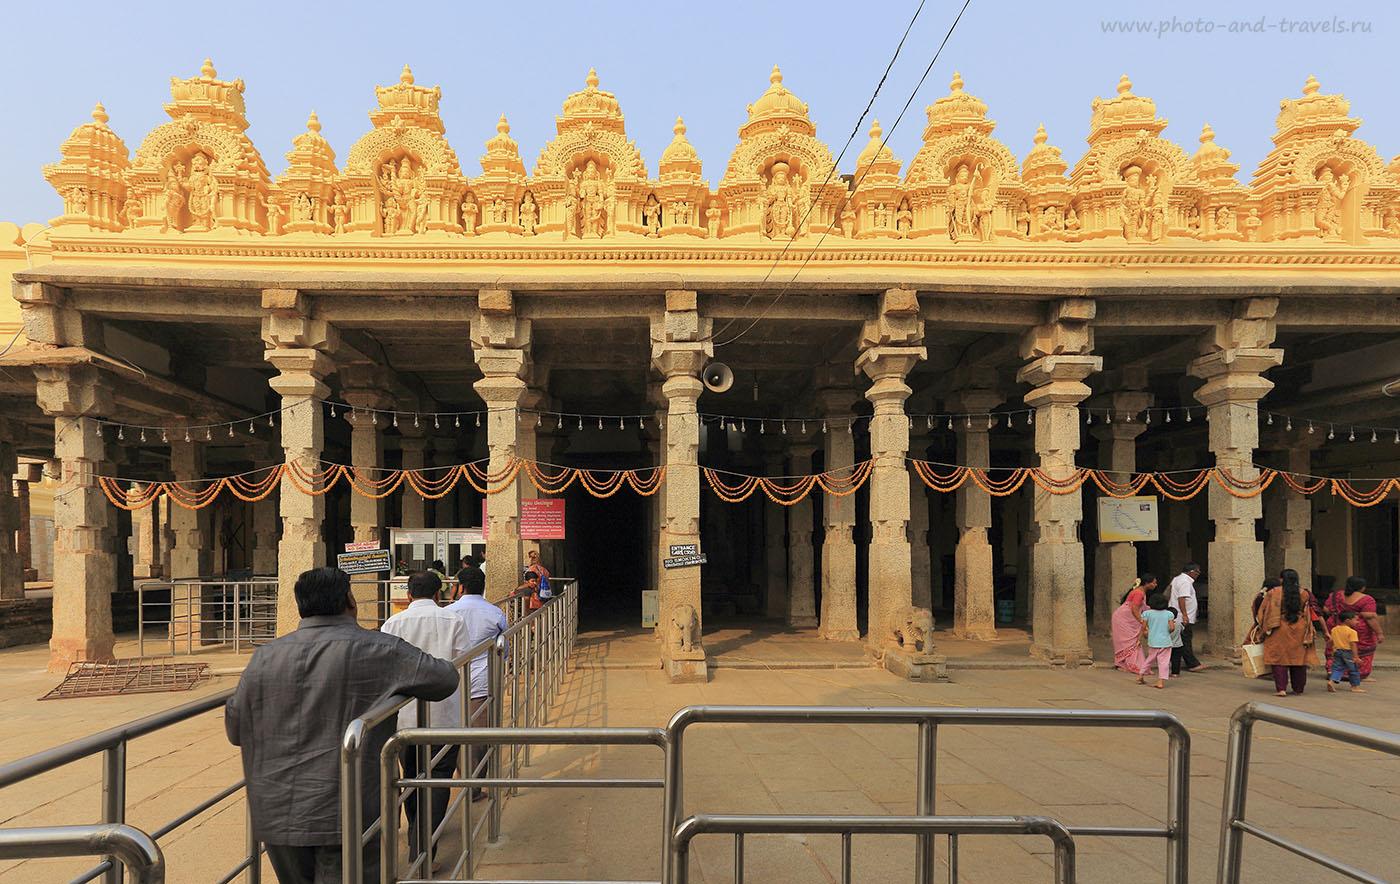 Фотография 4. Экскурсия в Шрирангапатнам. Вход в храм. Отчеты туристов о путешествии по Индии. Поездка на экскурсии в штат Карнатака. 1/50, -1 EV, 13.0, 100, 17